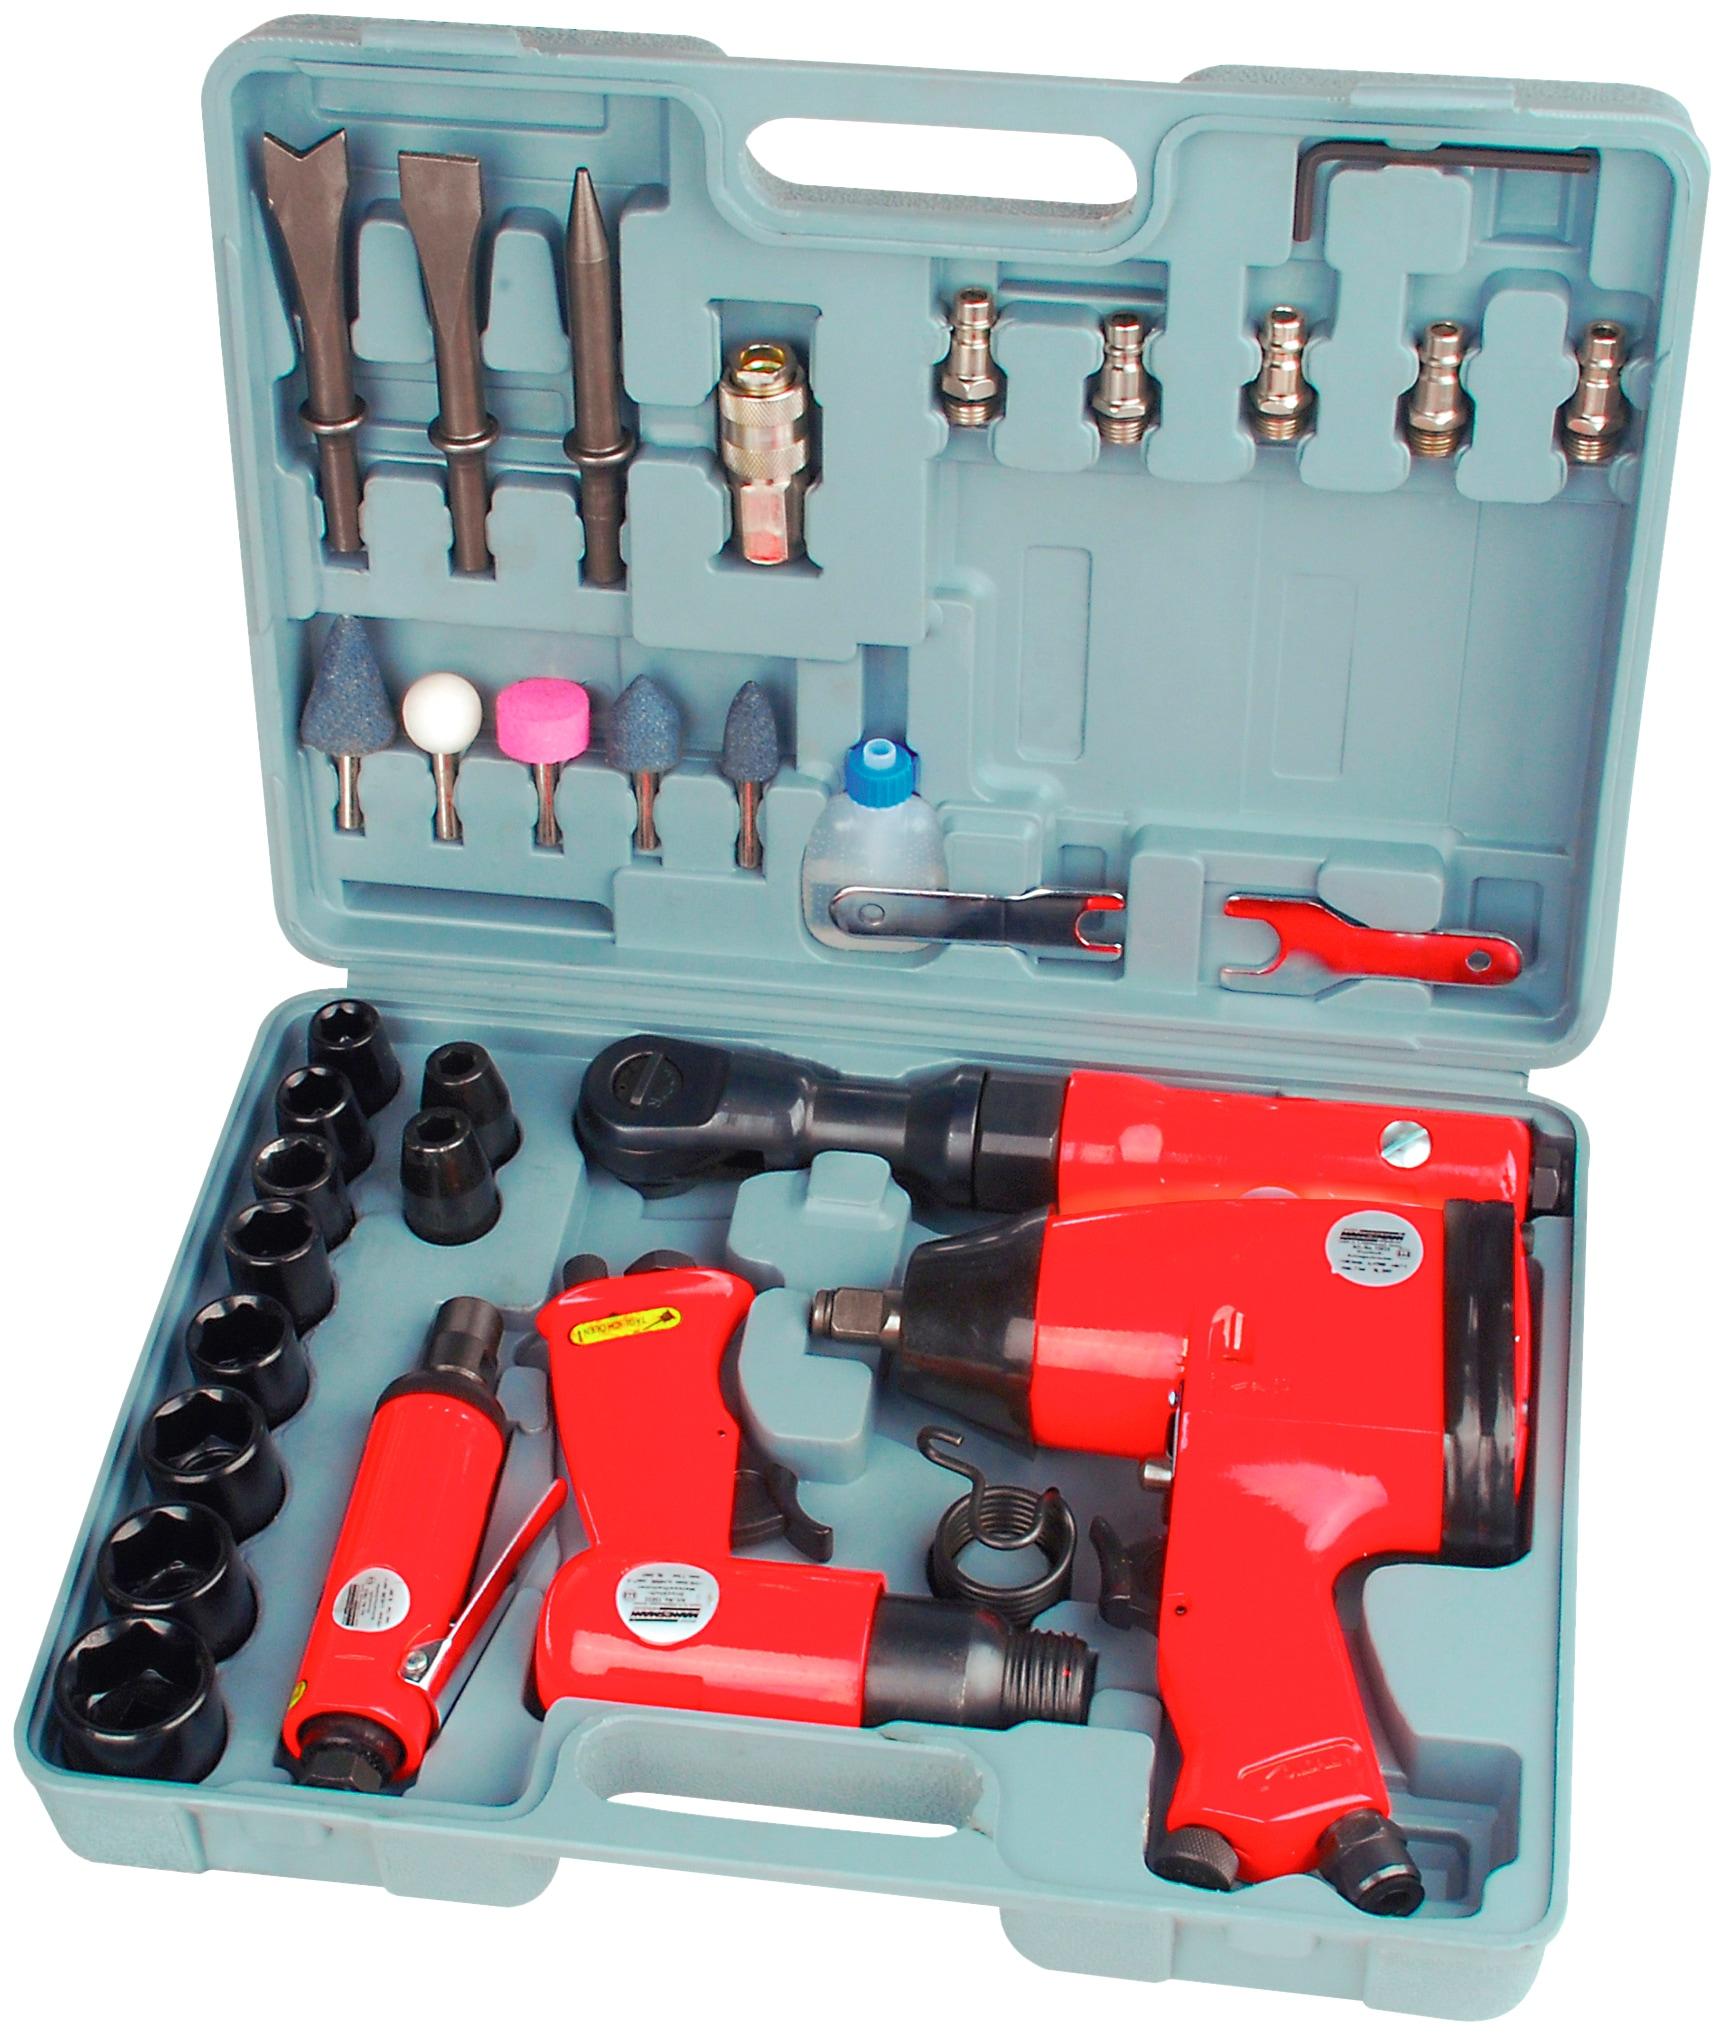 BRUEDER MANNESMANN WERKZEUGE Druckluft-Set, 33-tlg., inkl. Koffer | Baumarkt > Werkzeug > Werkzeug-Sets | Rot | BRUEDER MANNESMANN WERKZEUGE